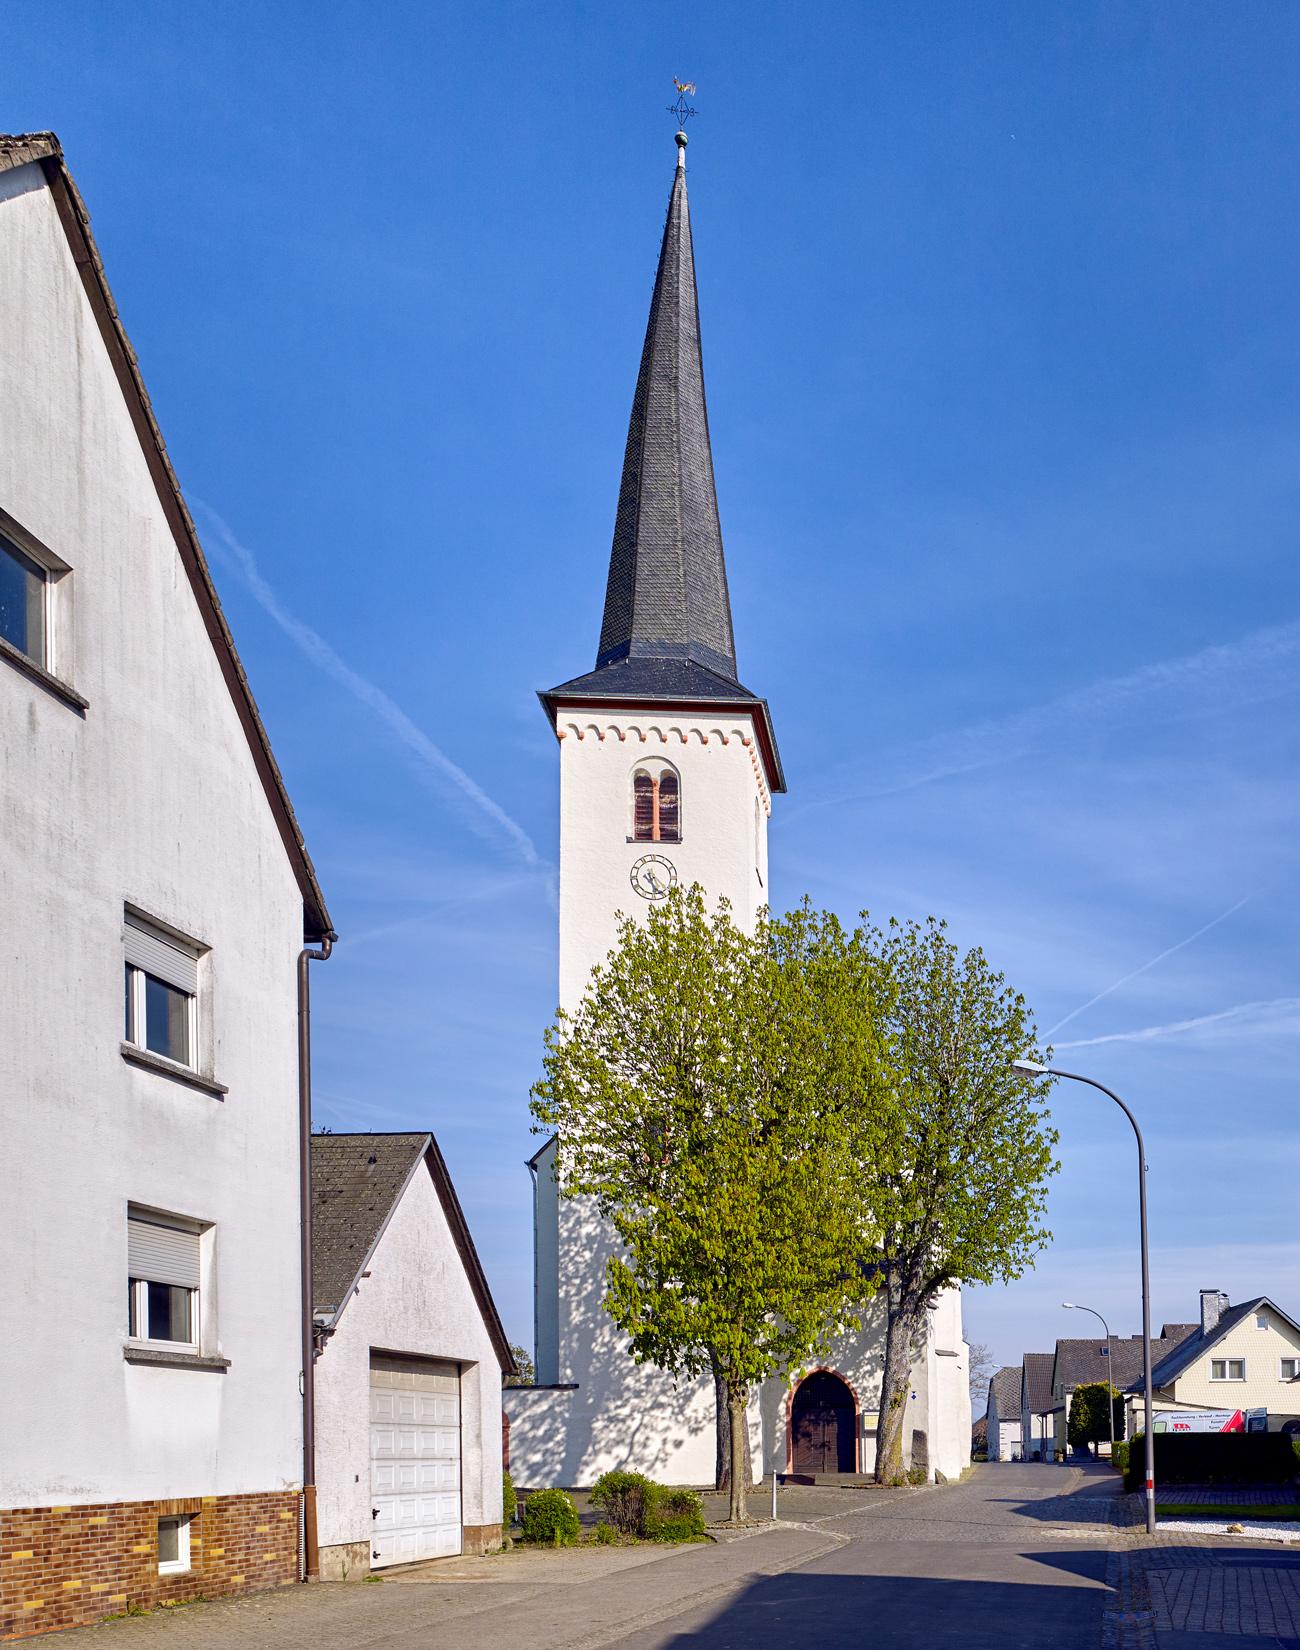 Kirche Mater Dolorosa, Driesch Sanierung Außenansicht Turm